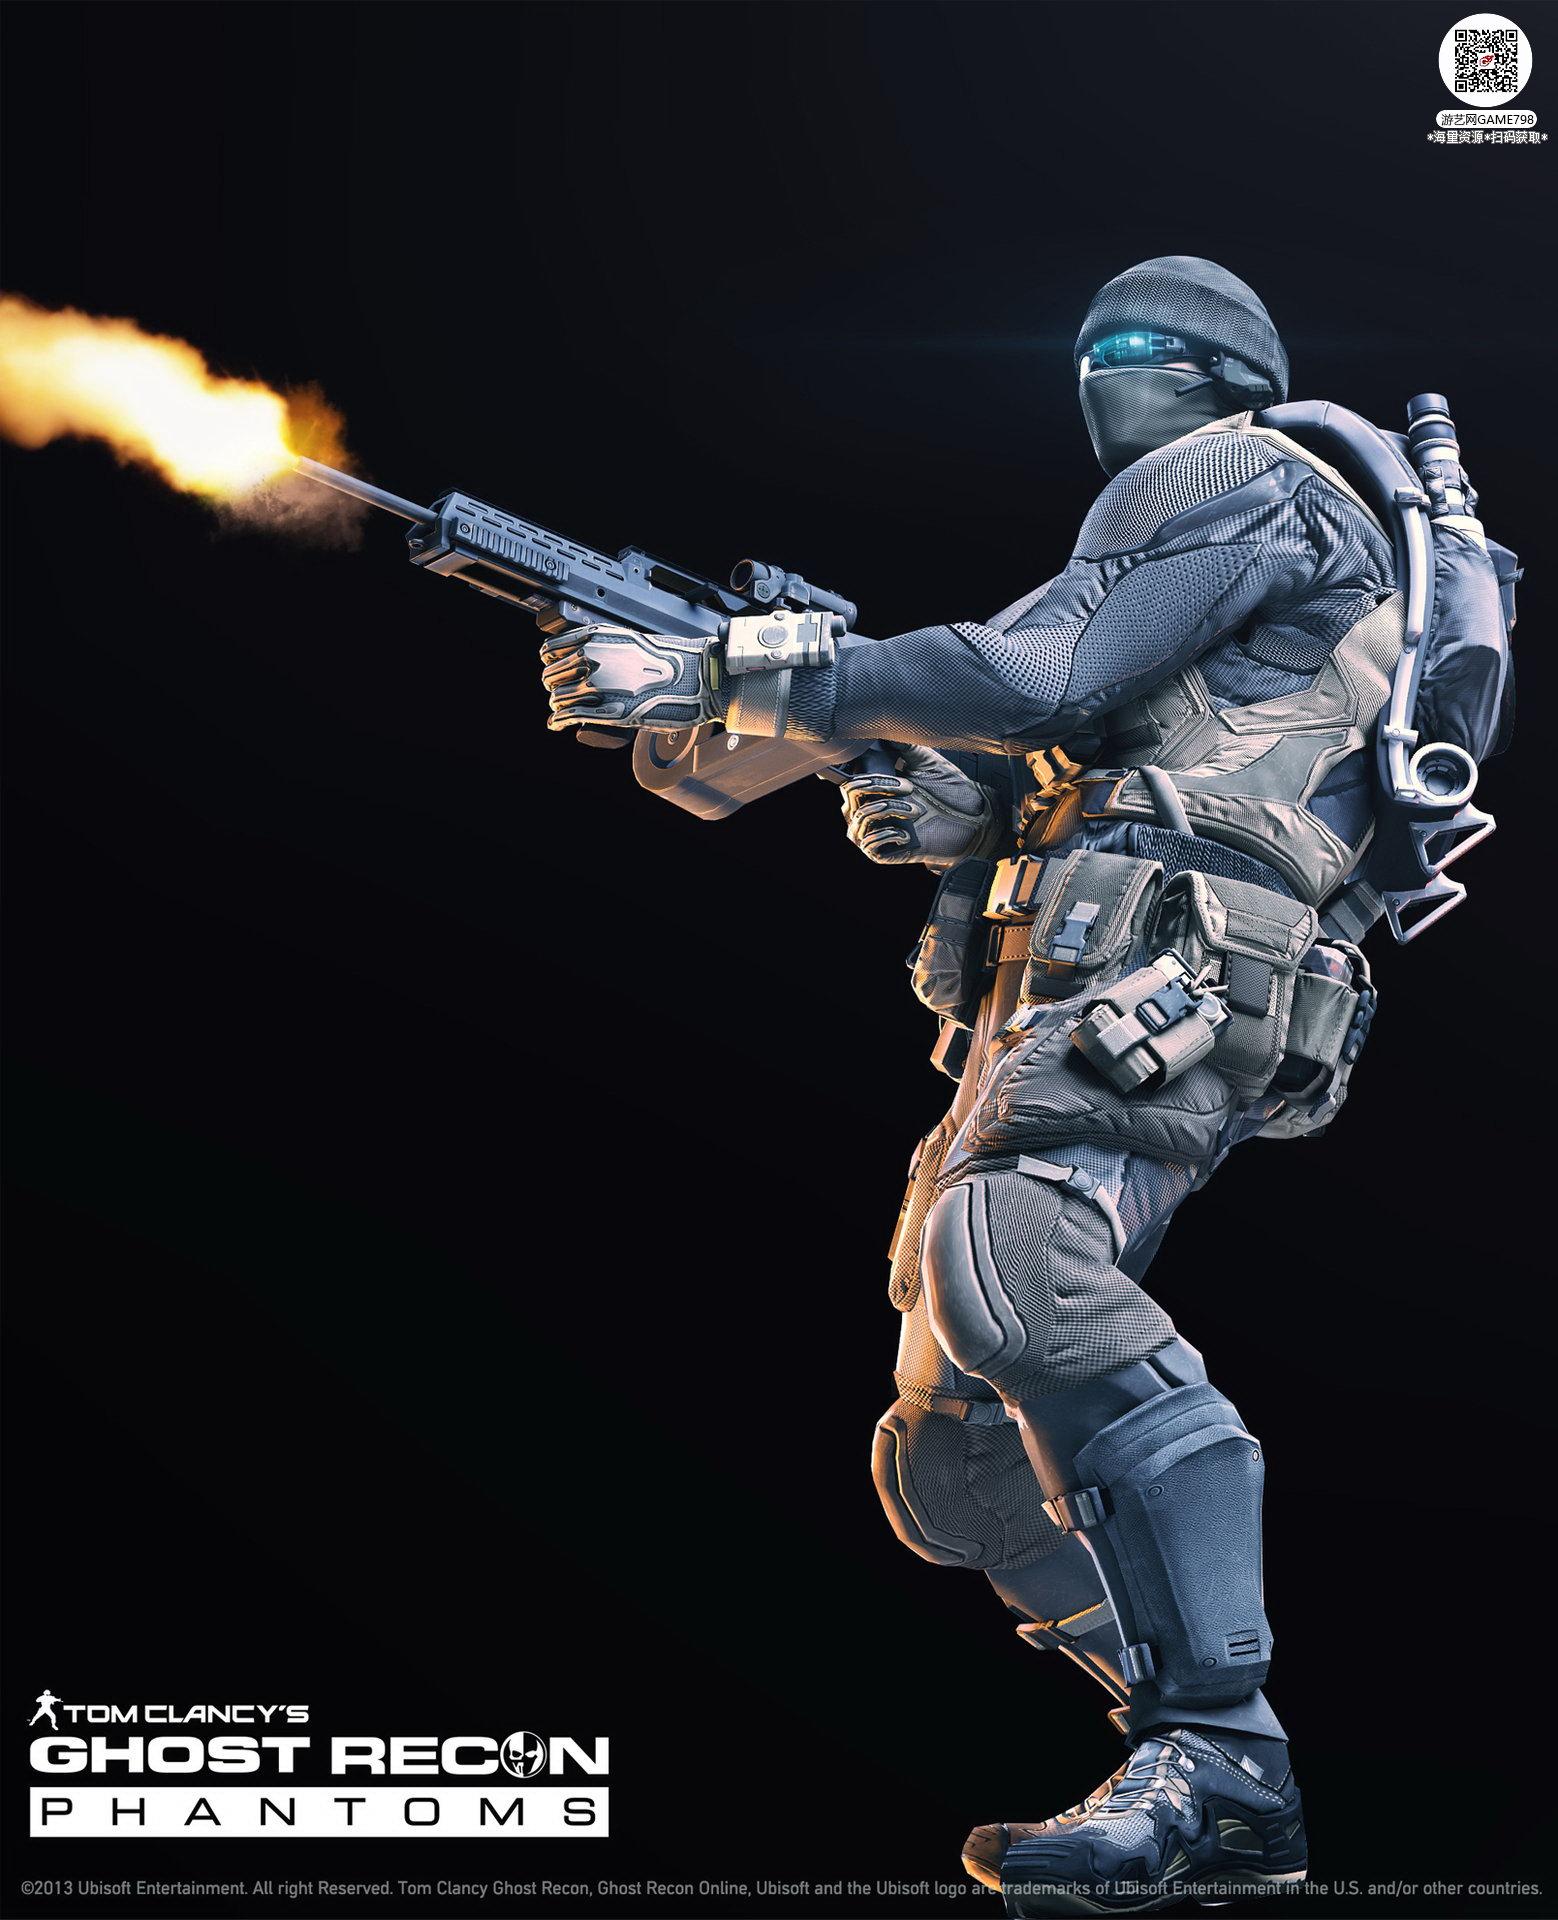 043_关注游艺网公众号获海量资源_幽灵行动未来战士次世代游戏3D模型参考原画概念设定.jpg